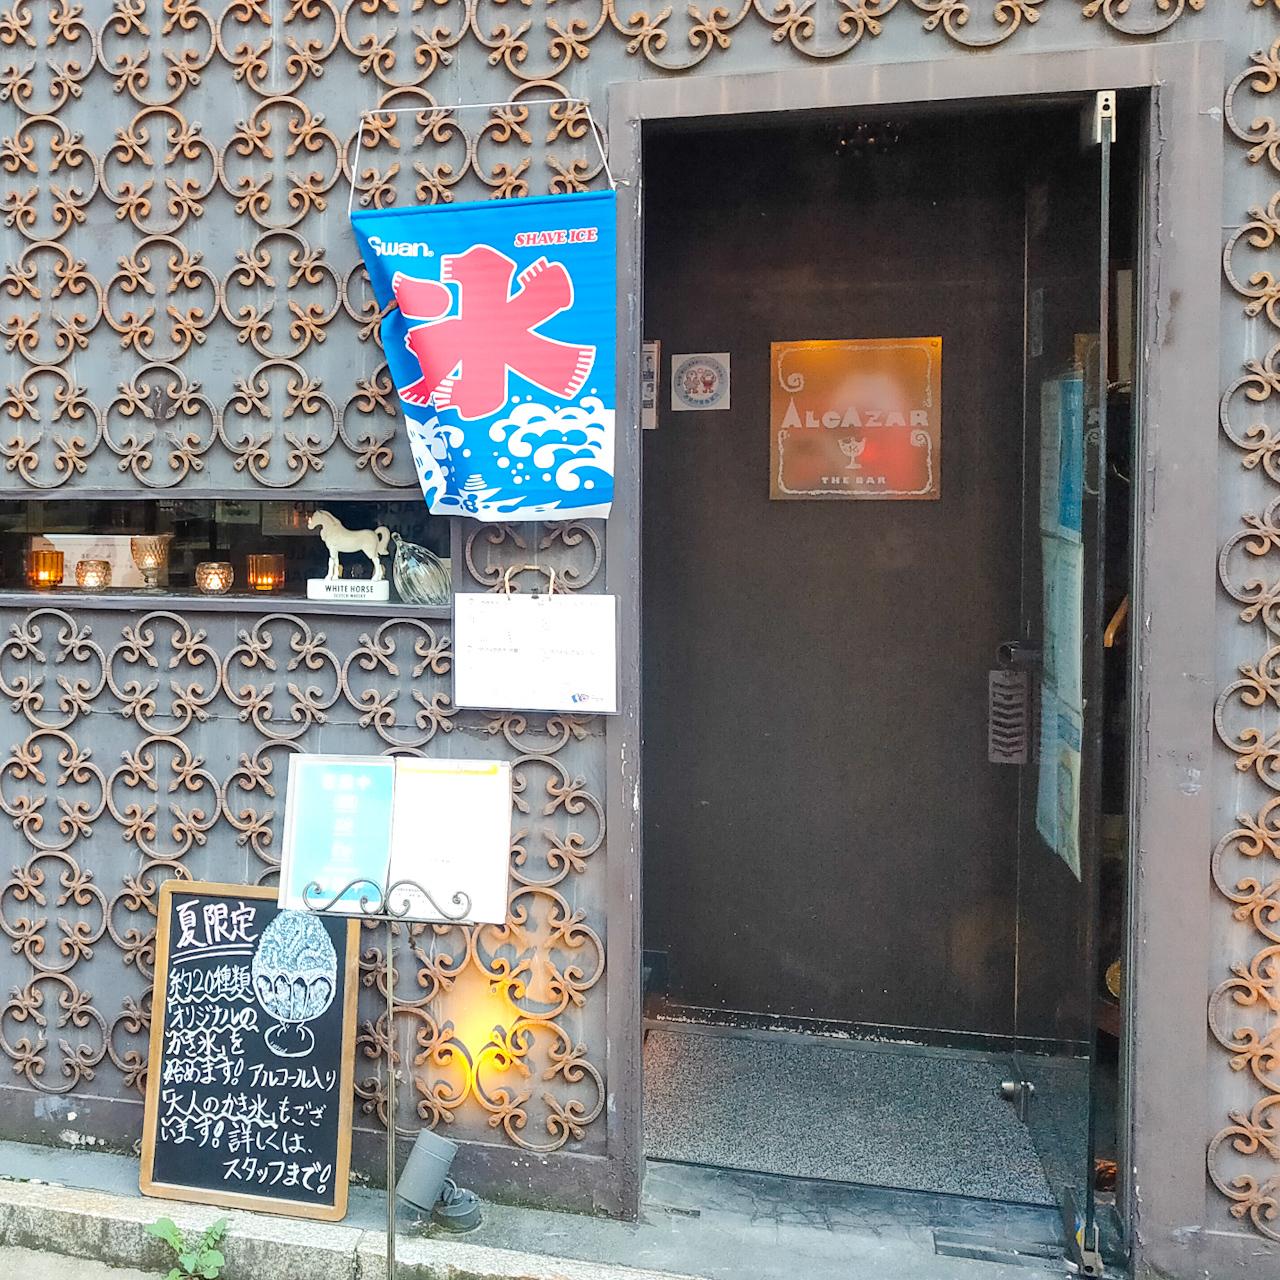 大宮駅東口の住吉通り商店街にあるバー「The Bar ALCAZAR(ザ・バー・アルカサル)」